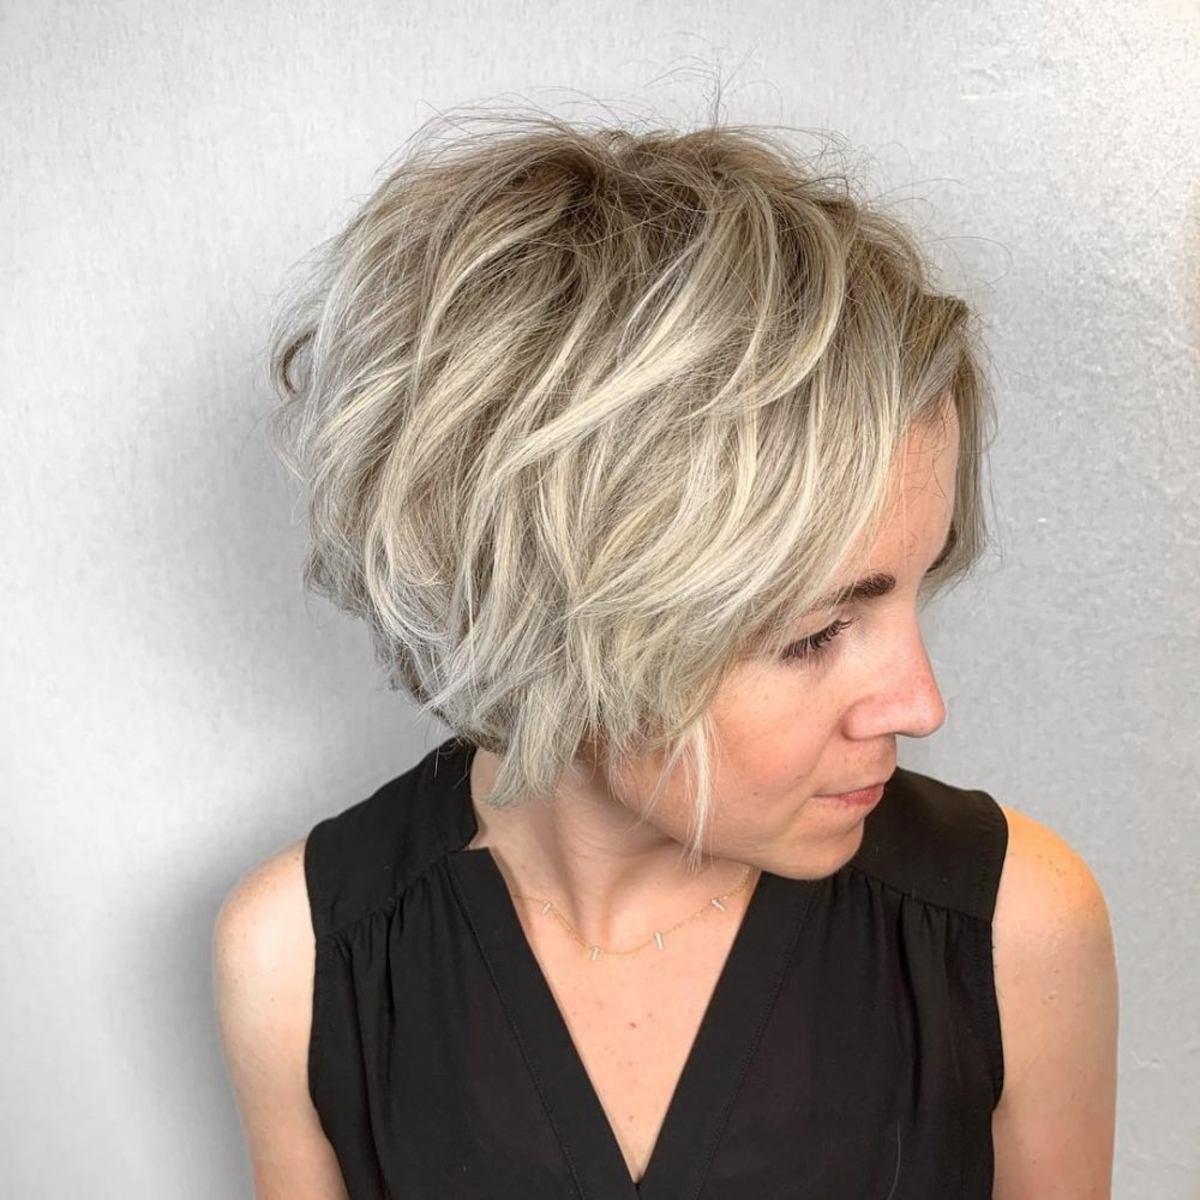 Bob hirsute texturé pour cheveux blonds et fins